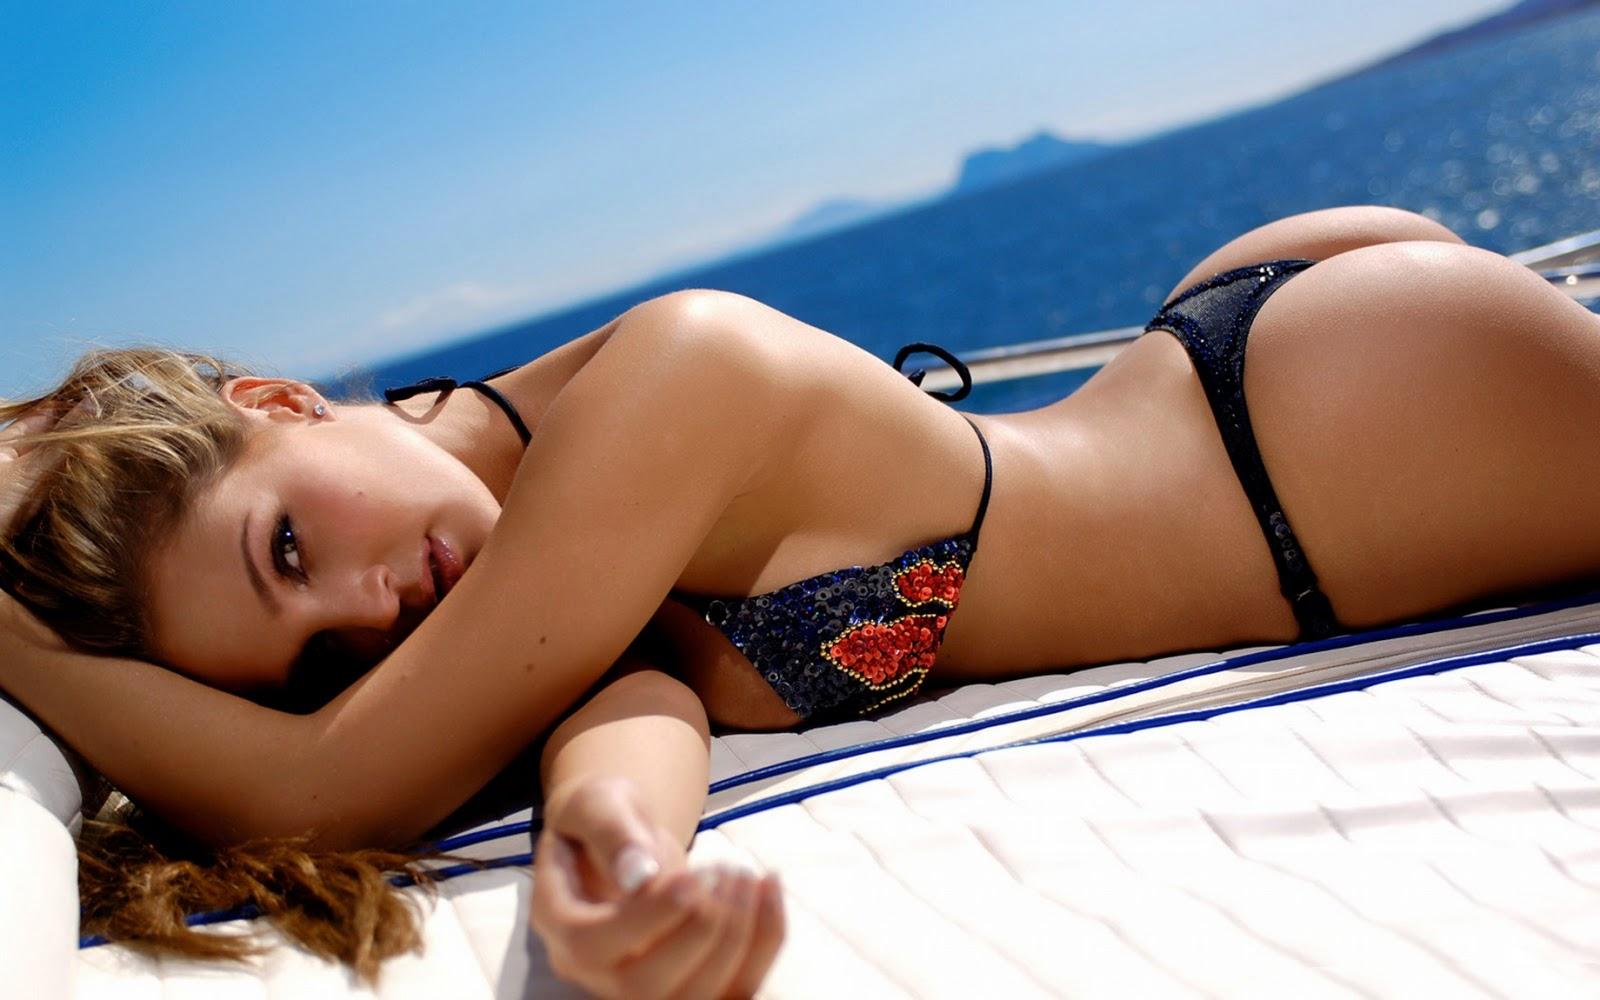 WongSeng HD Wallpapers: Sexy Hot Bikini Ass Desktop Wallpaper